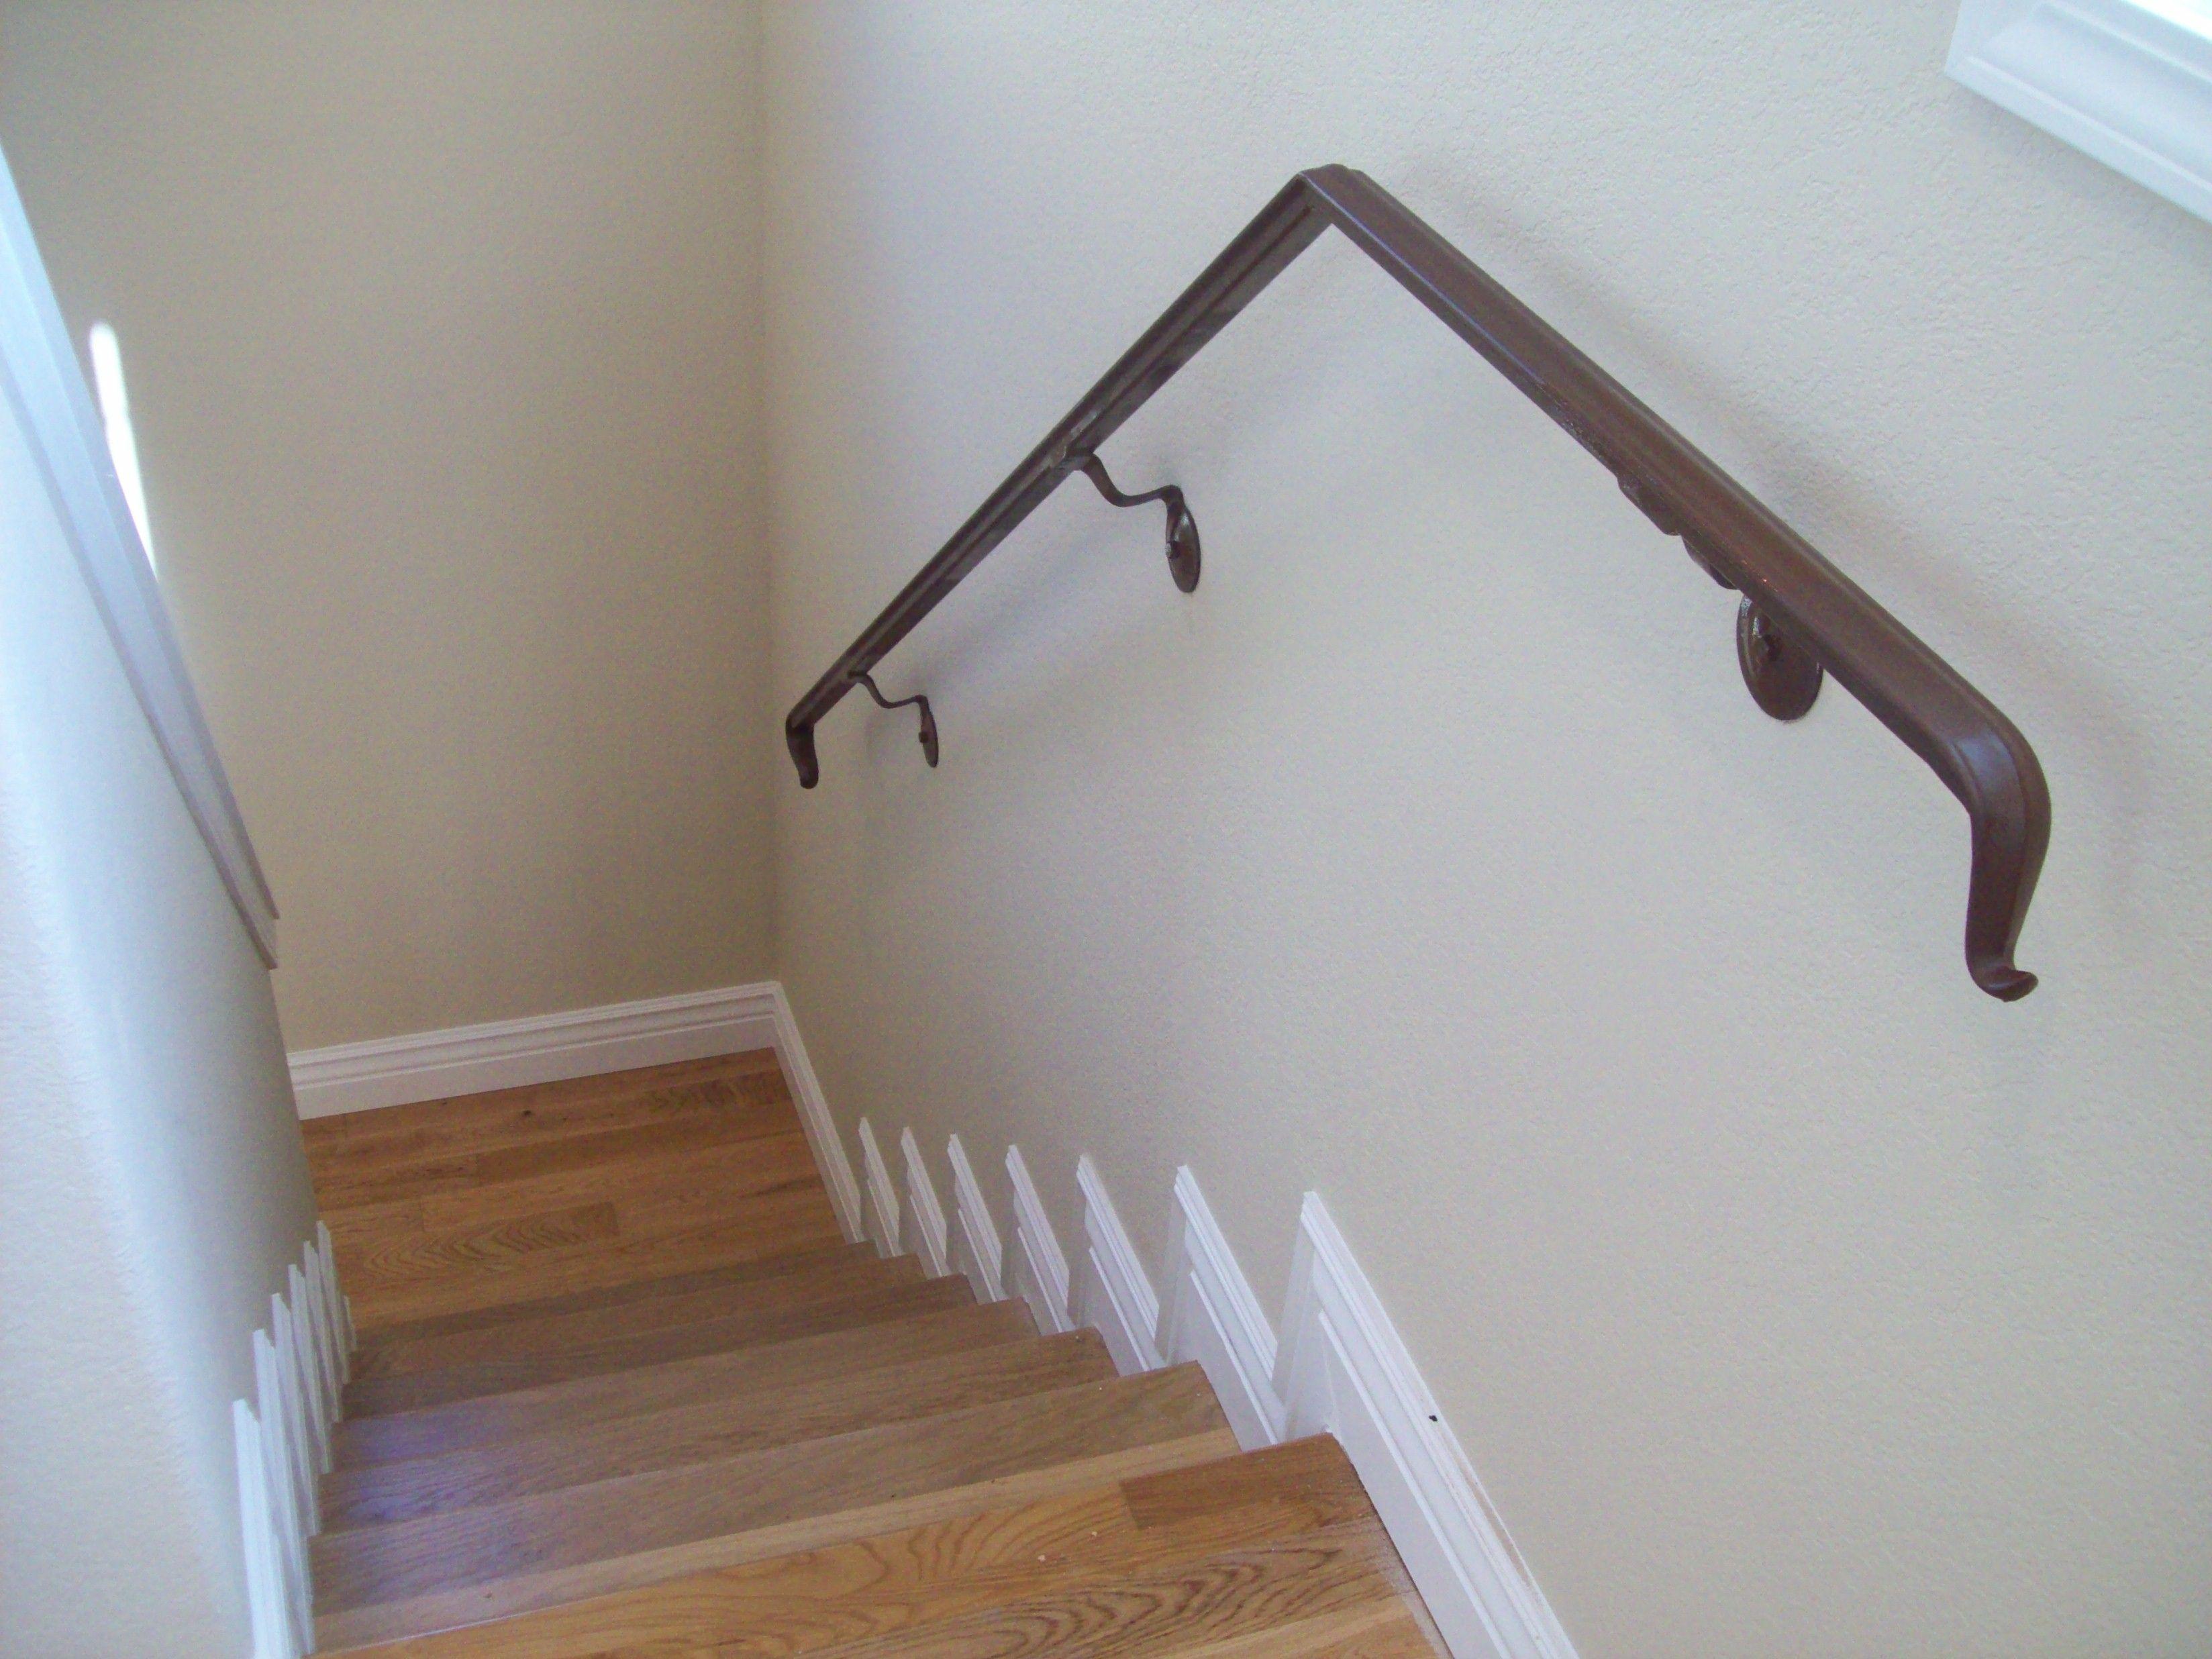 wall Stair Railings - Bing Images